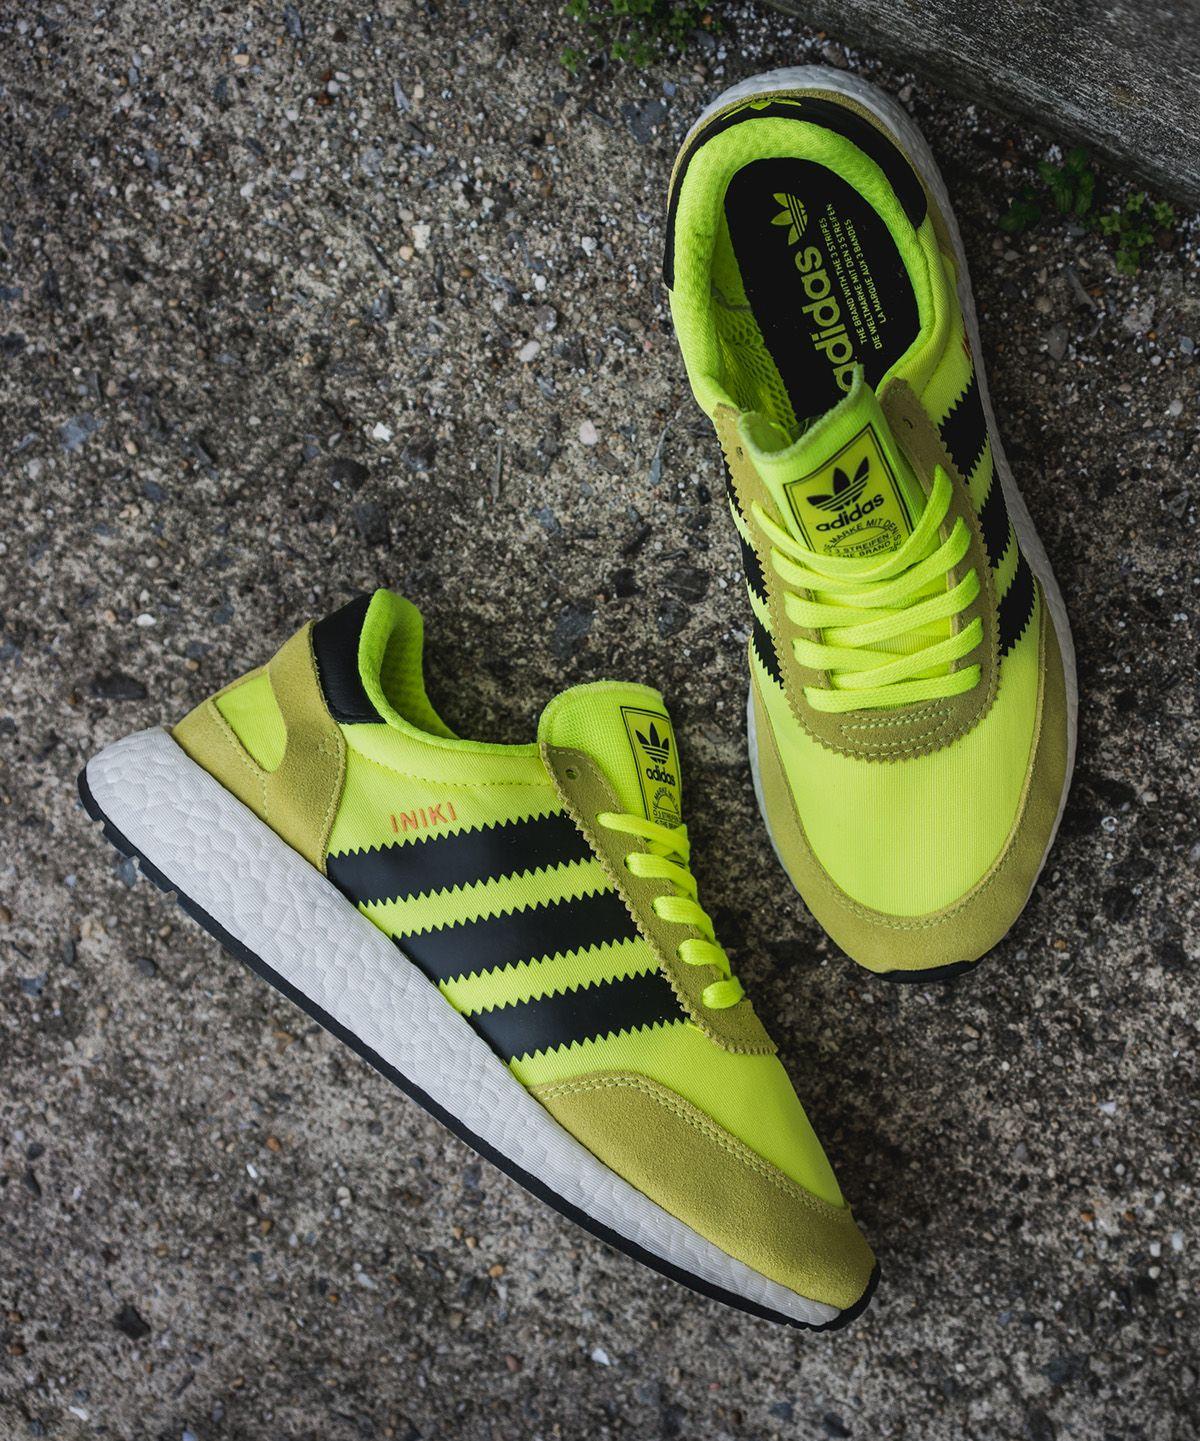 Adidas iniki runner giallo solare dell'calci: scarpe da ginnastica magazine